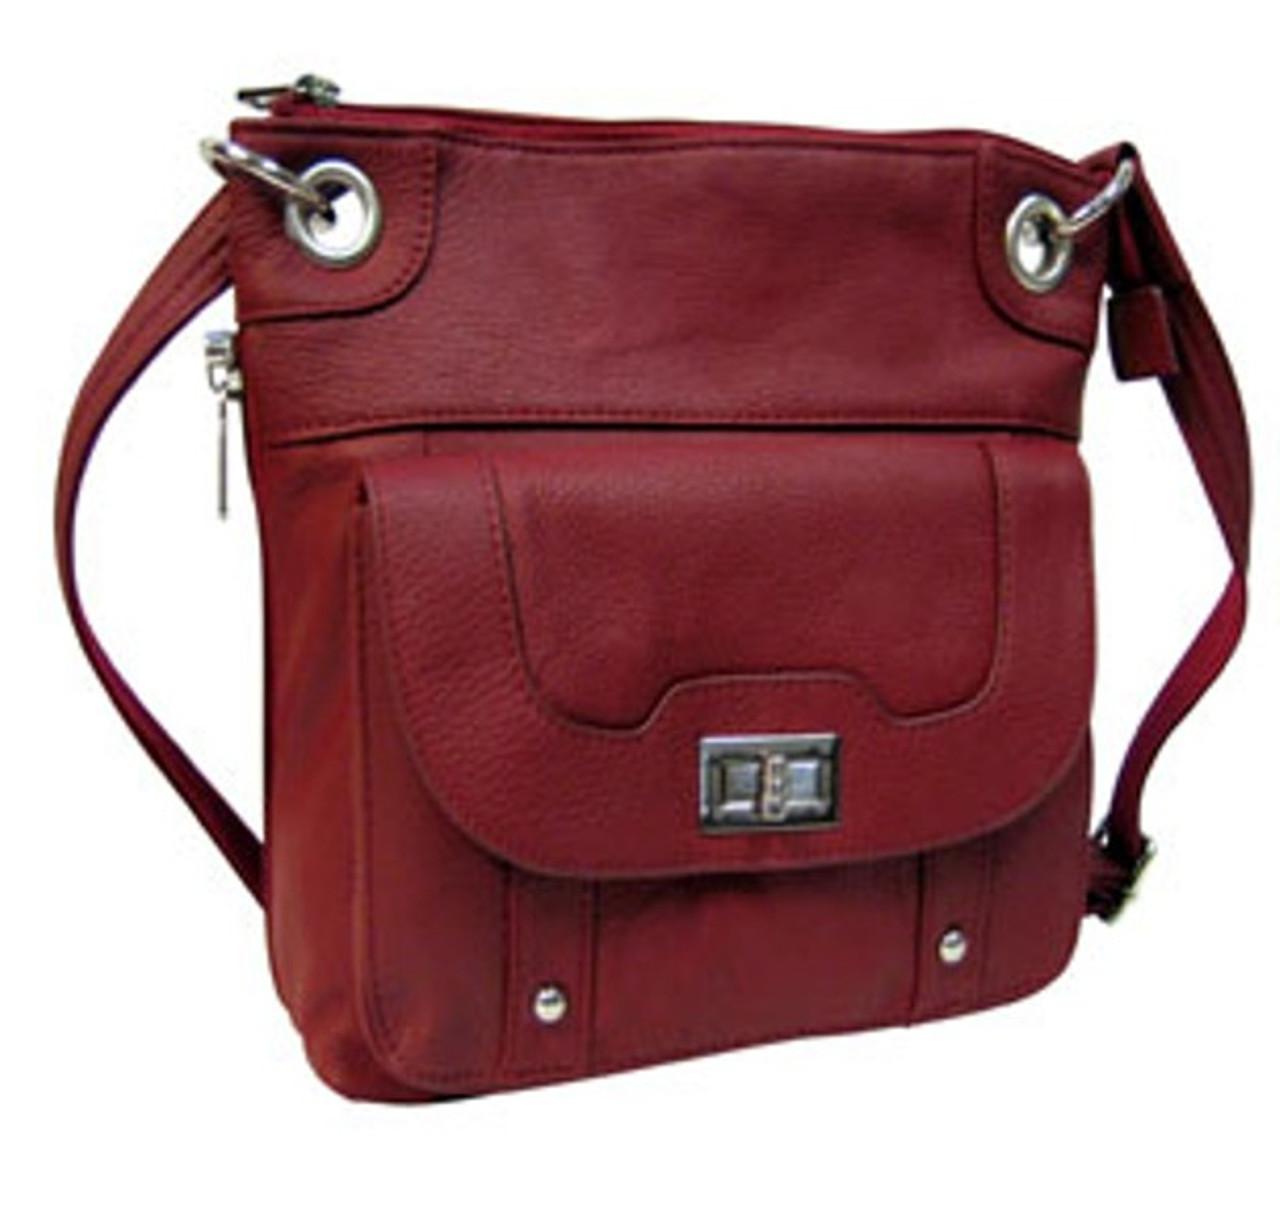 4cc19da592 Buy our Roma Cross Body Concealed Carry Handbag egunbags.com